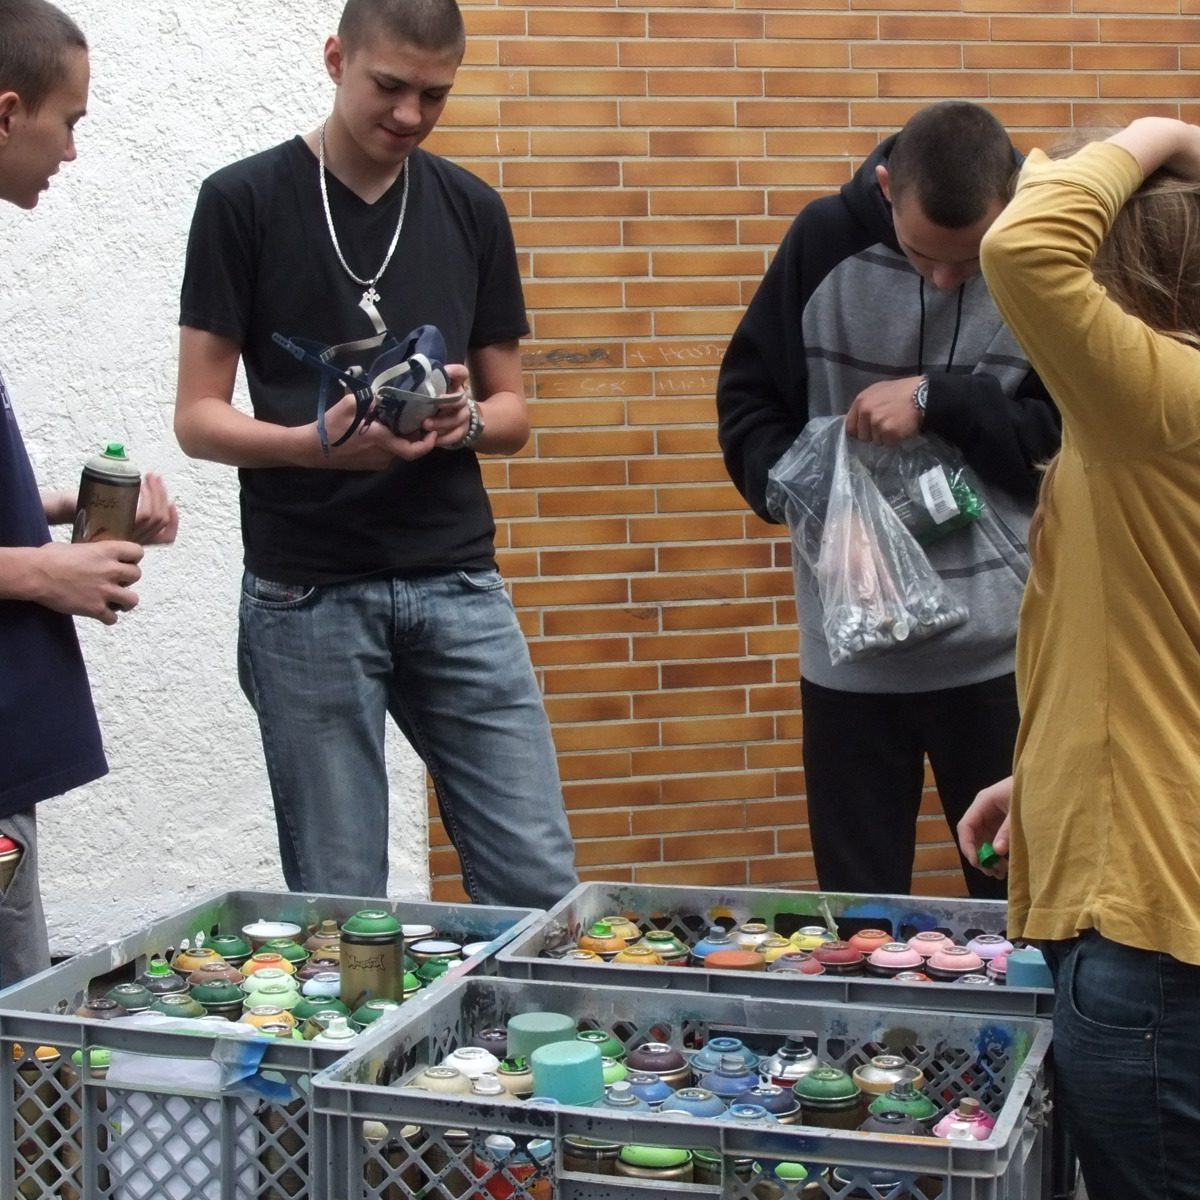 graffitiauftrag_graffitikuenstler_graffitikids_artmos4_schiller_schule_event_graffiti_offenbach_3